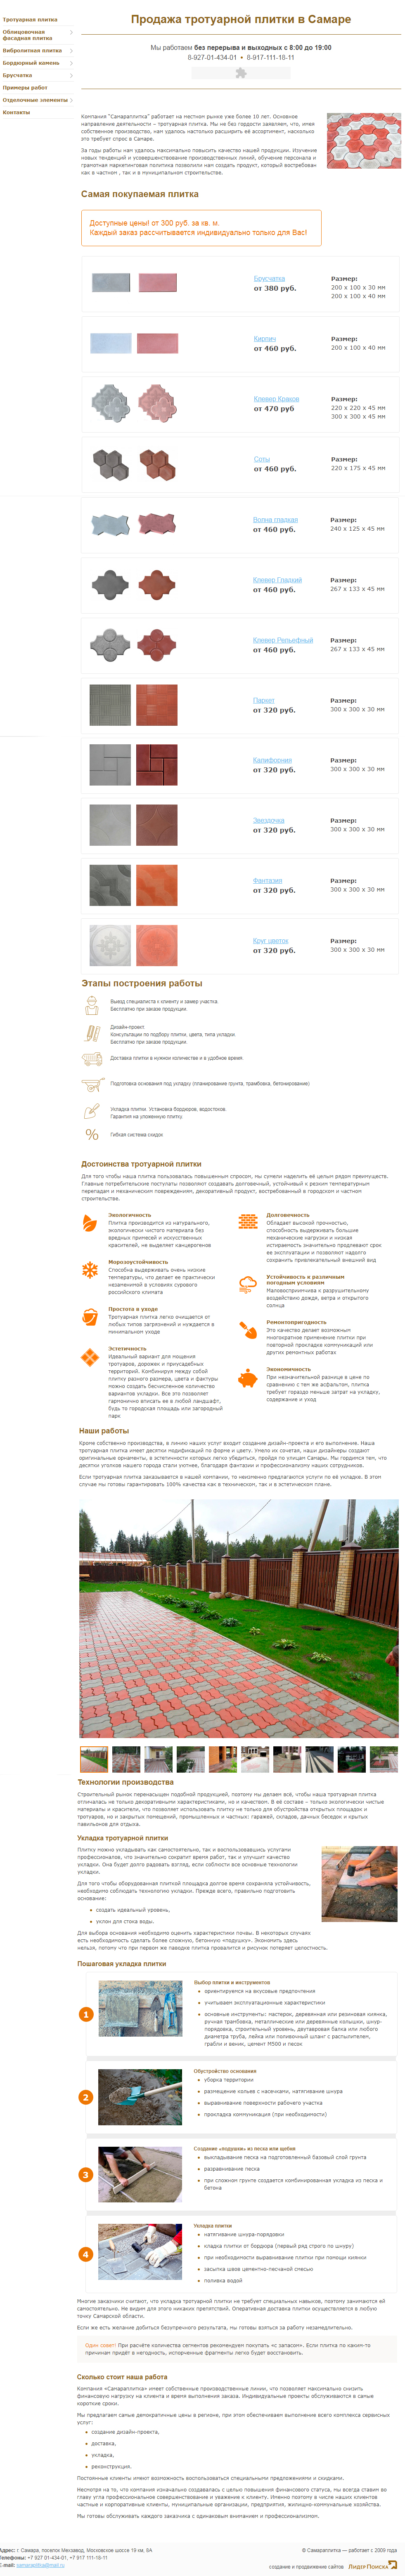 Обновленная главная страница с новым листингом товаров